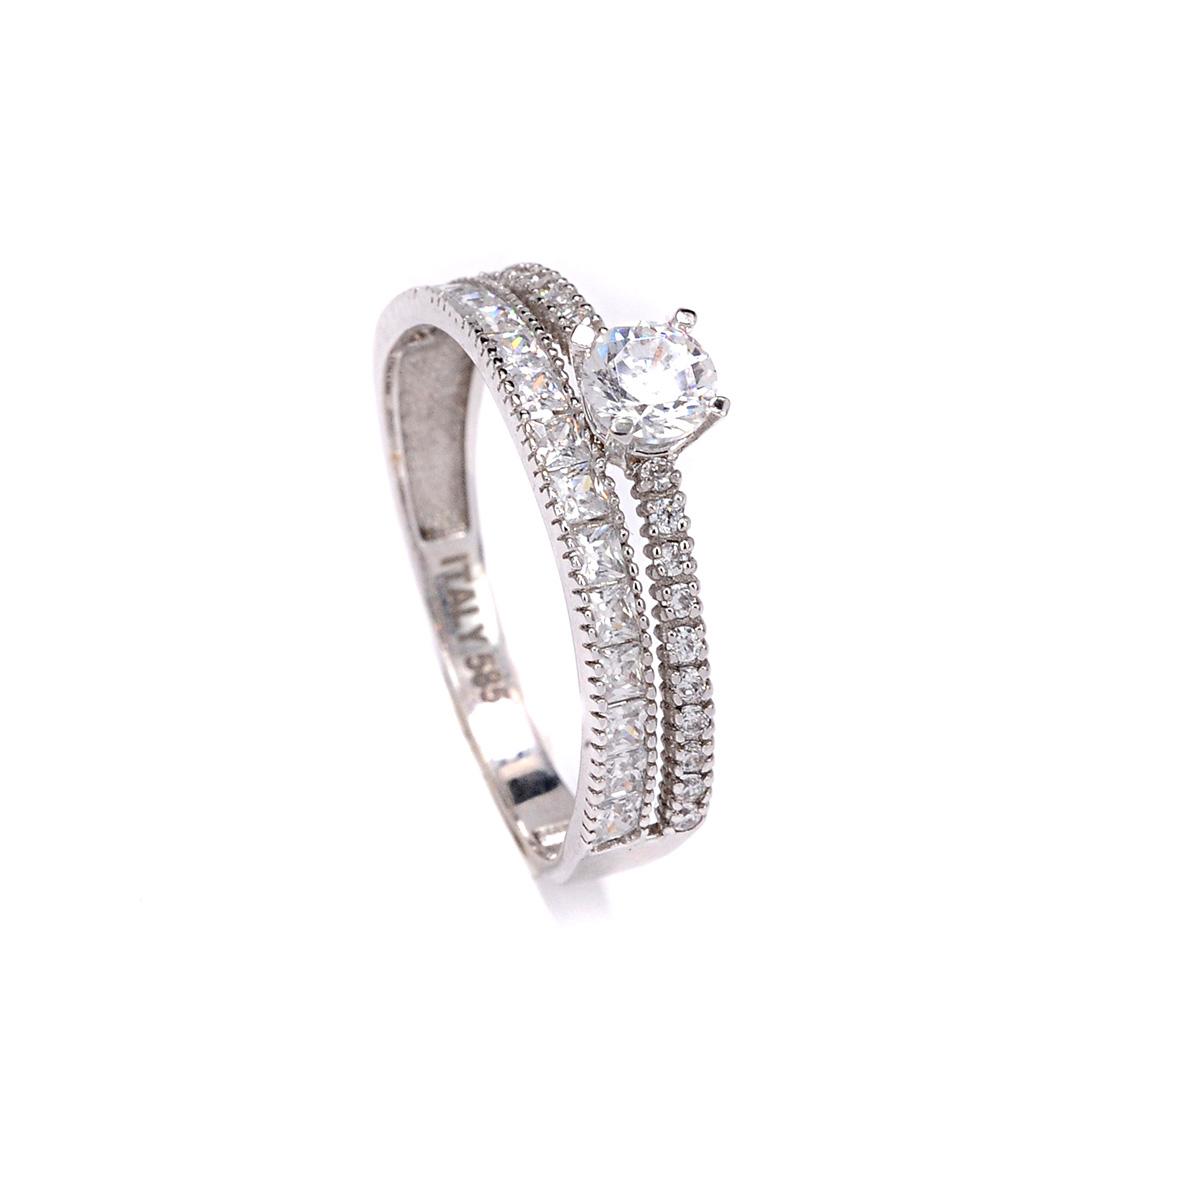 Μονόπετρο διπλό δαχτυλίδι σειρέ χρυσό Κ14 με ζιργκόν  24e3ff3fbba